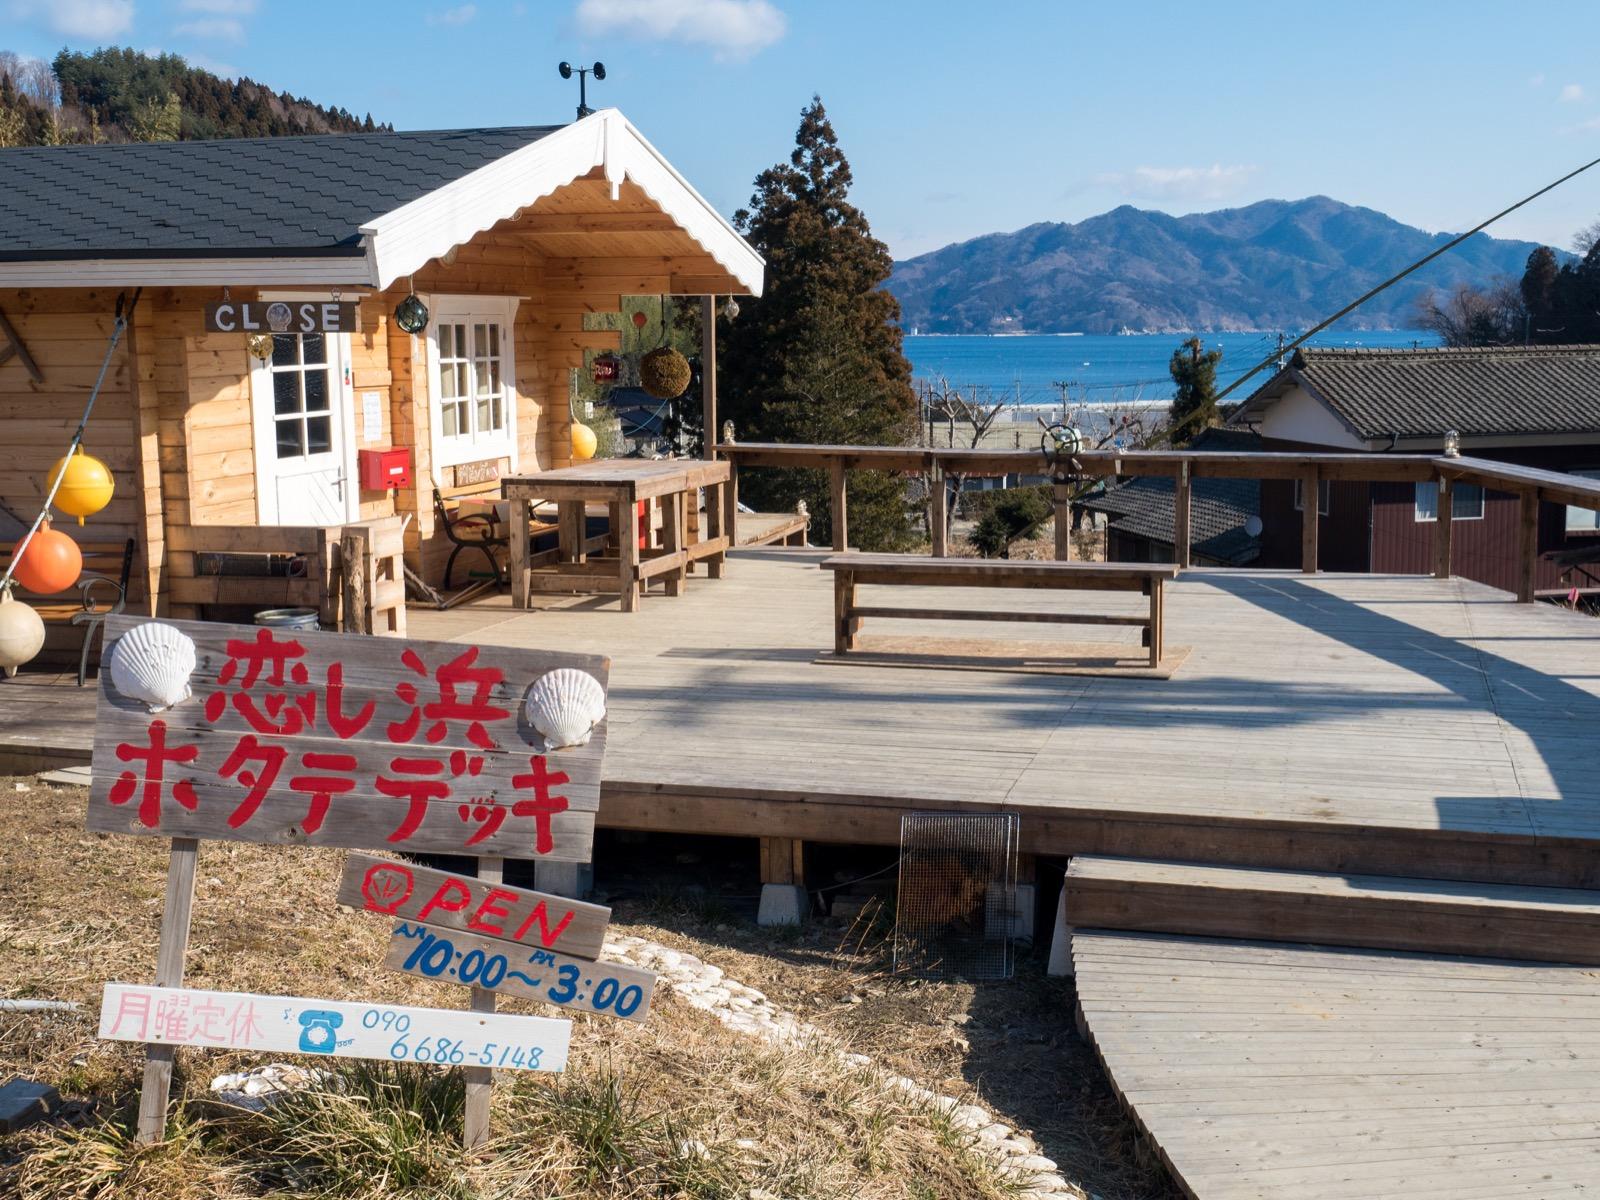 恋し浜駅前にある「恋し浜ホタテデッキ」(2016年2月)